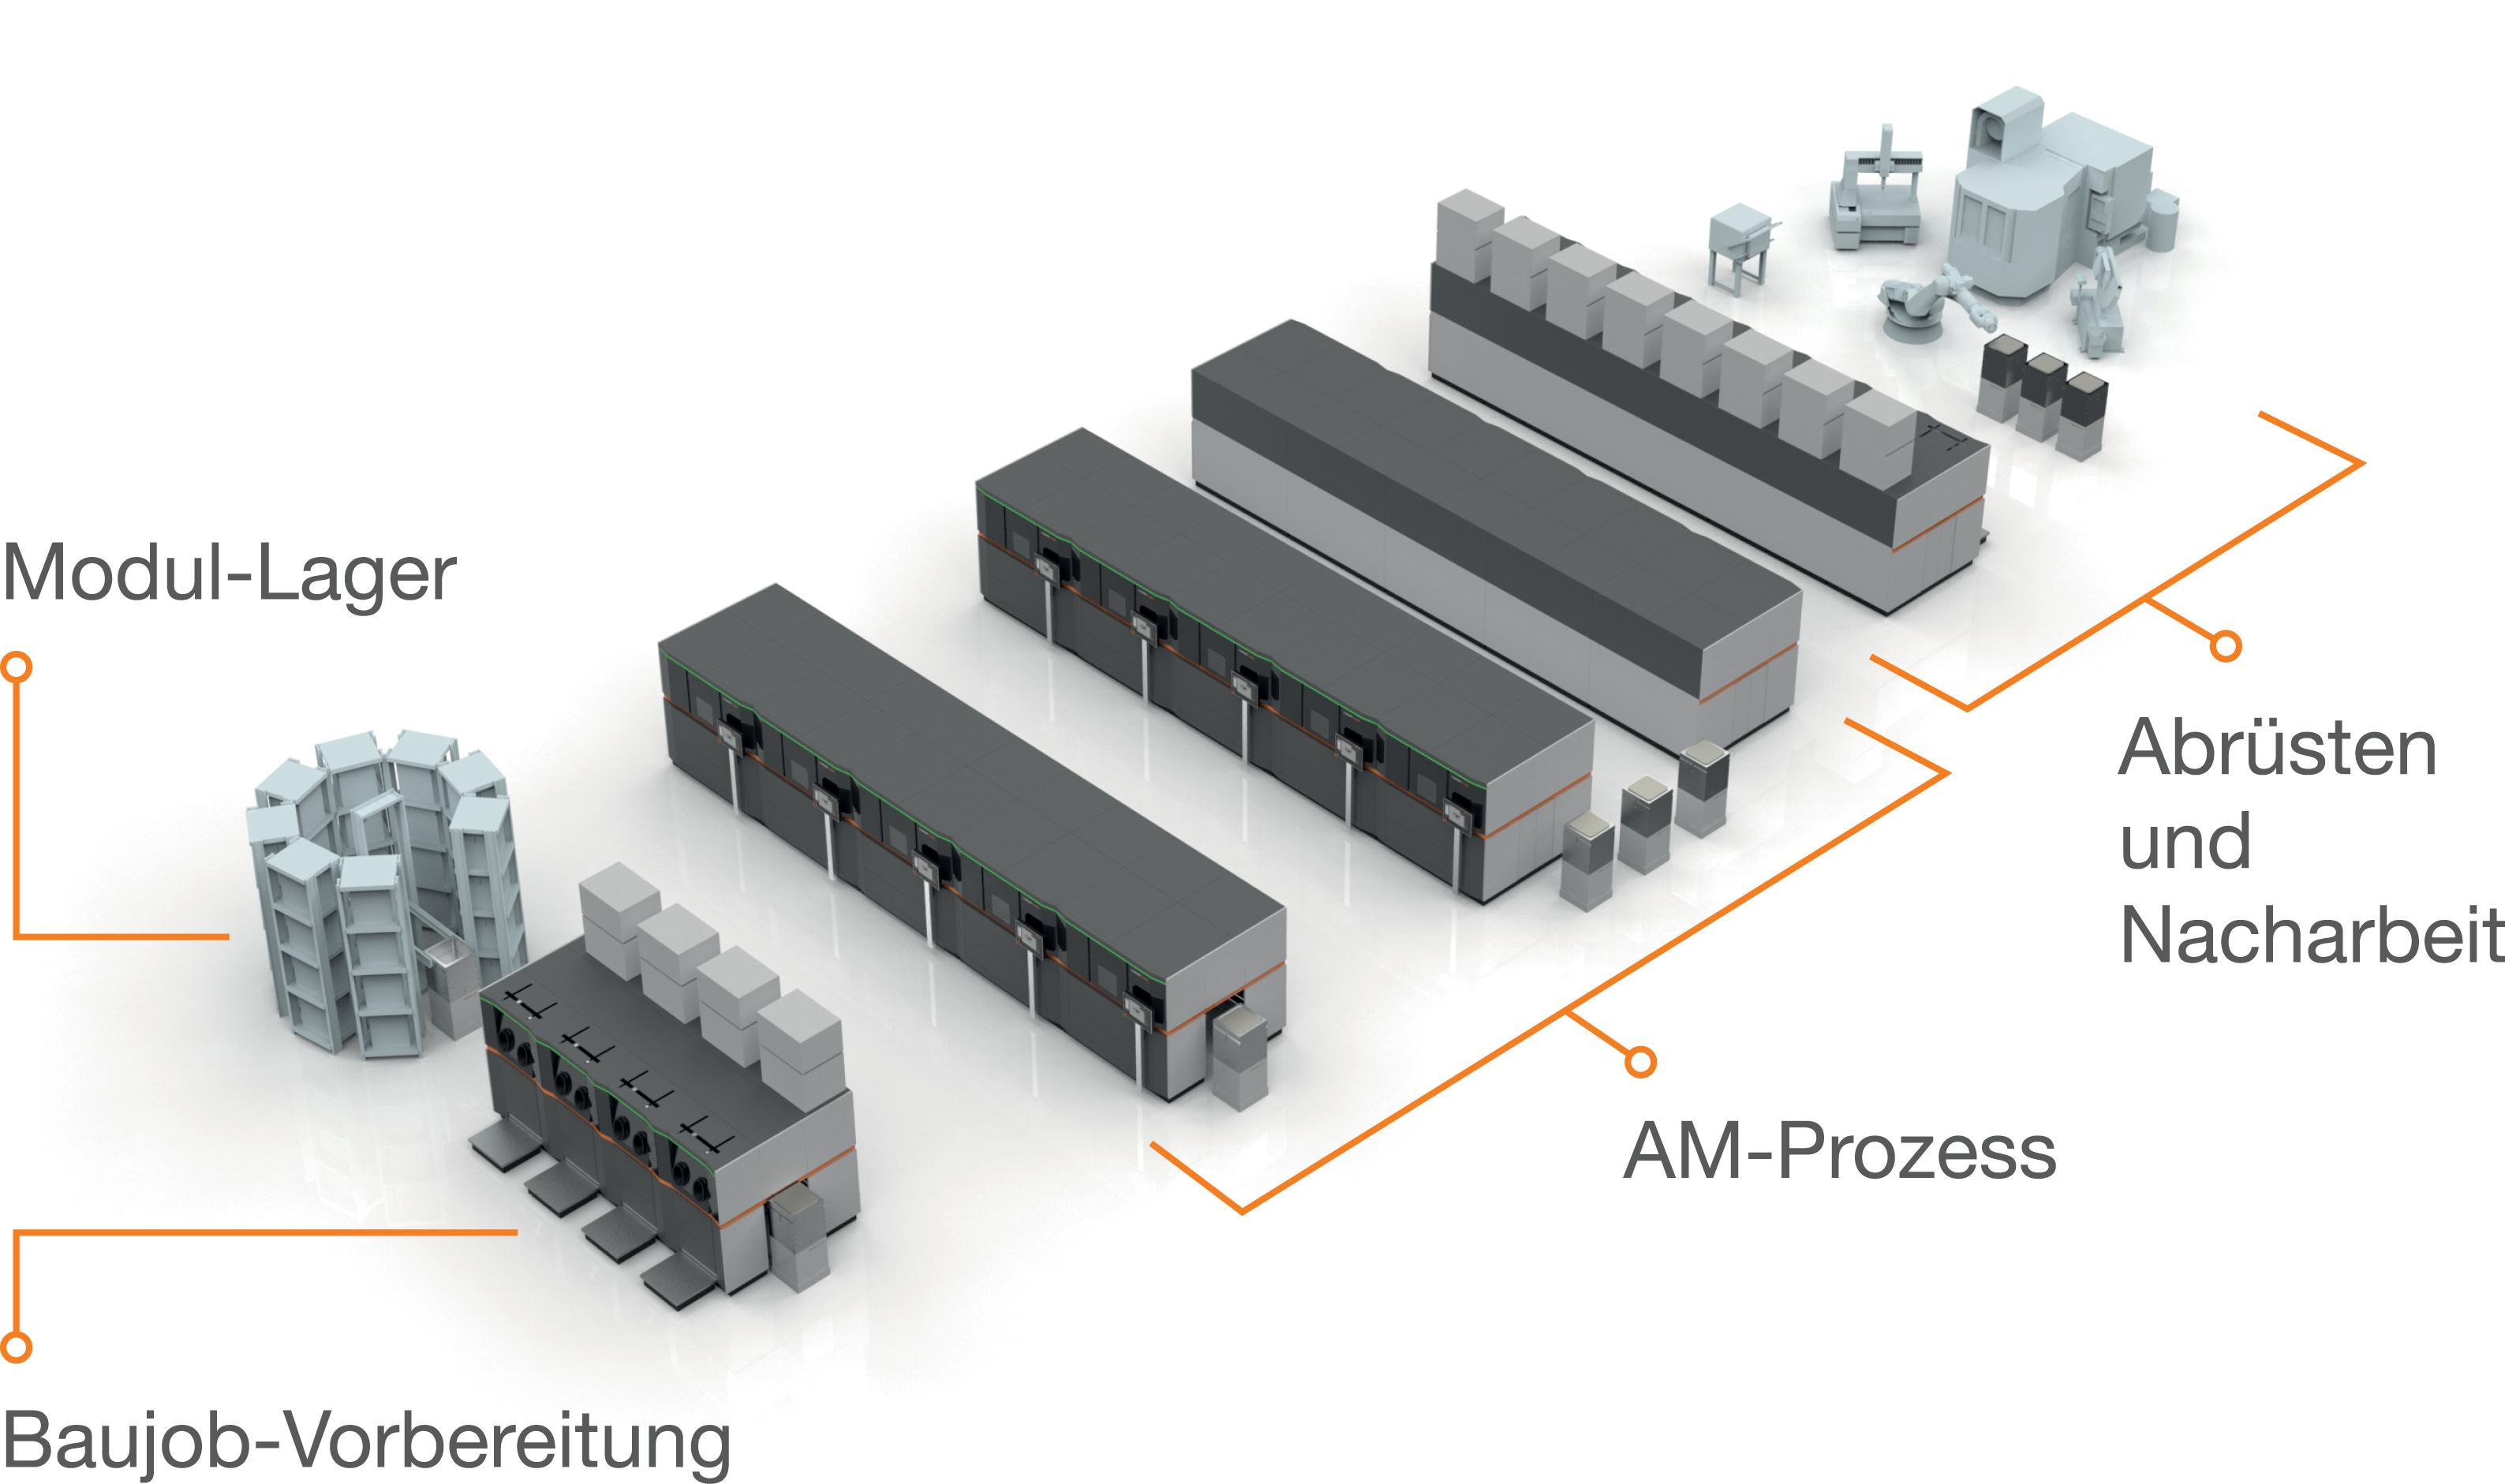 """Verkettung der """"AM Factory of Tomorrow"""": Die """"Smart Factory"""" ist ein flexibel erweiterbares, hochgradig automatisiertes und zentral steuerbares Meta-Produktionssystem, welches sich maximal an den Produktionsaufgaben ausrichtet und auf industrielle Serienproduktion abzielt."""